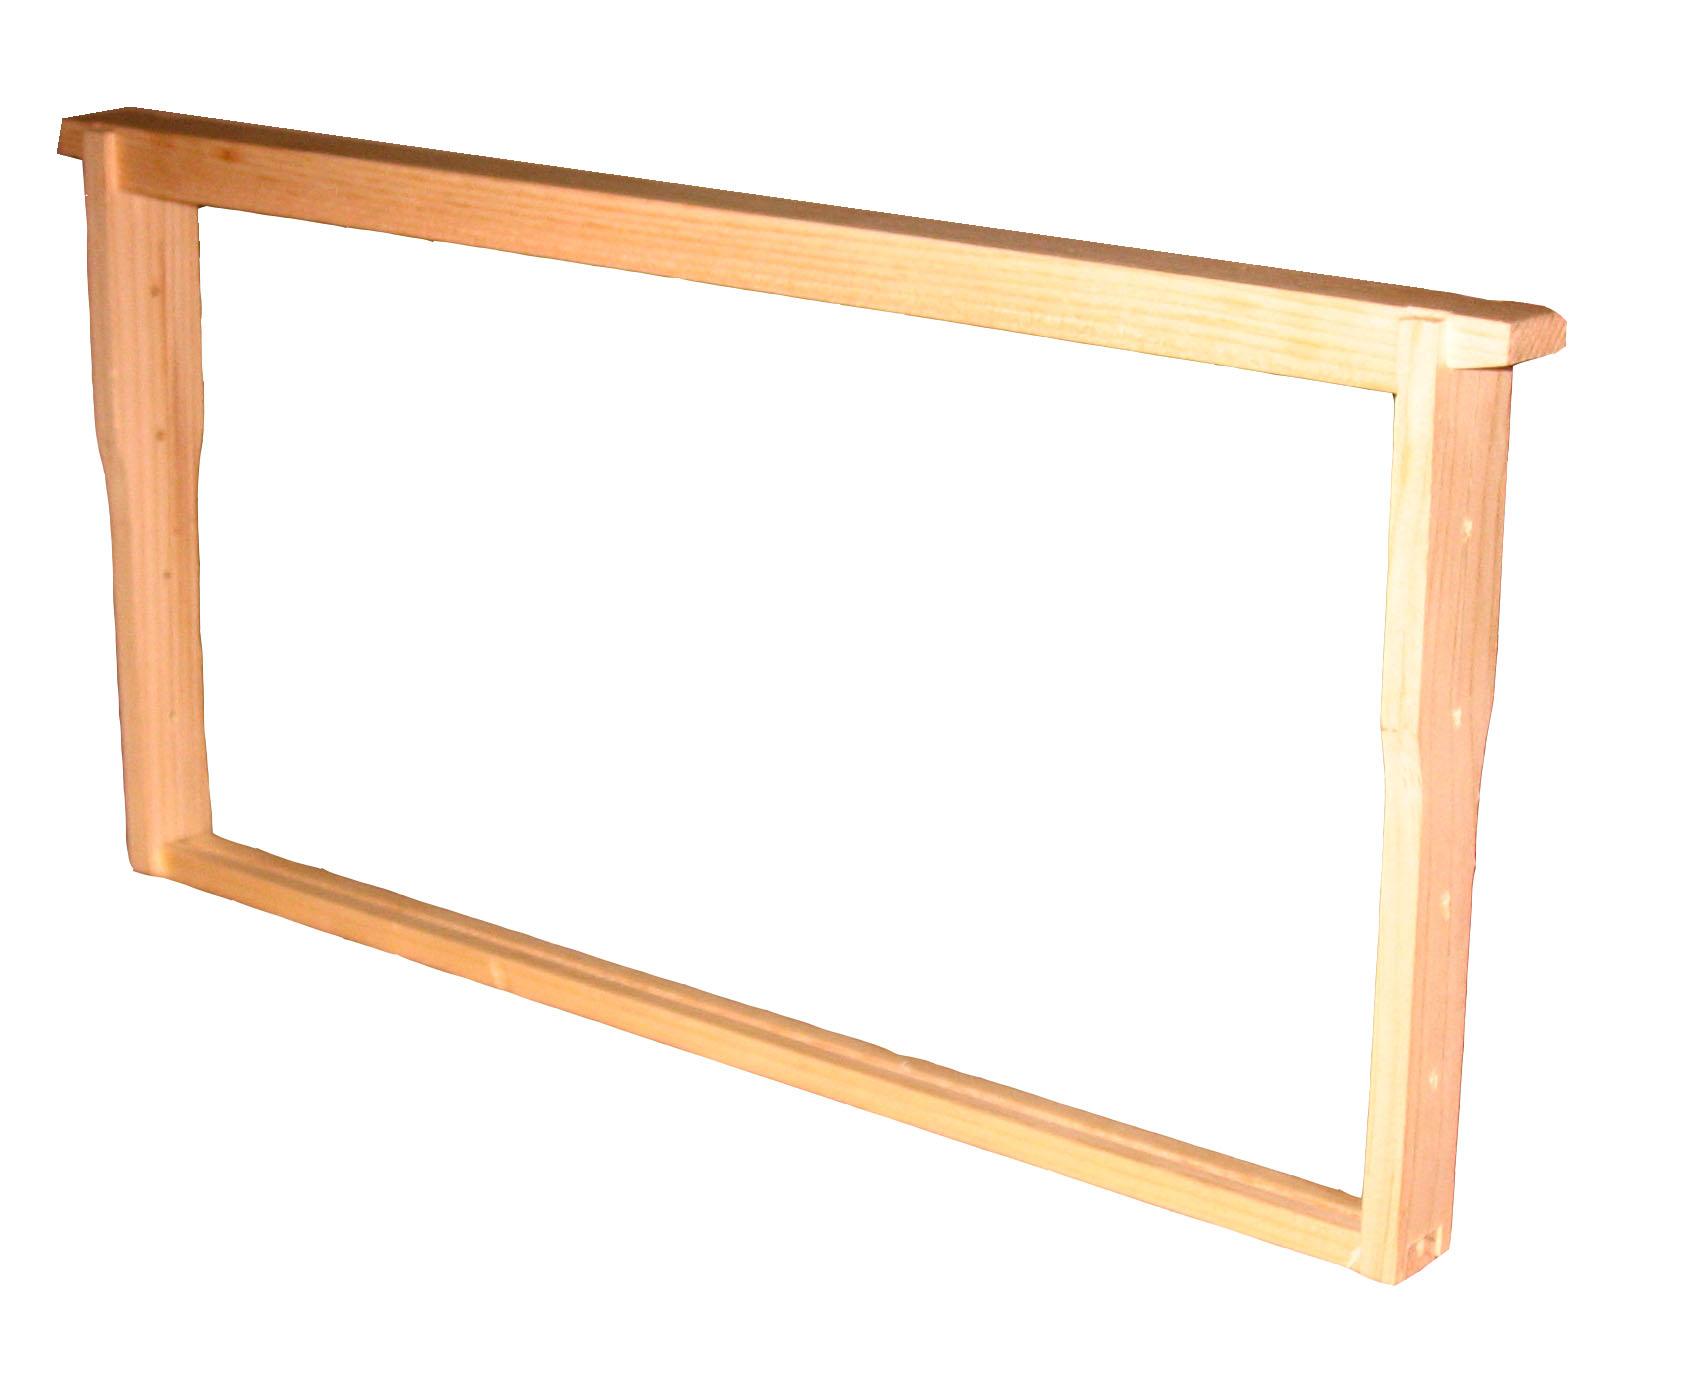 100 PK- 9 1/8 Budget Frame - $80.00